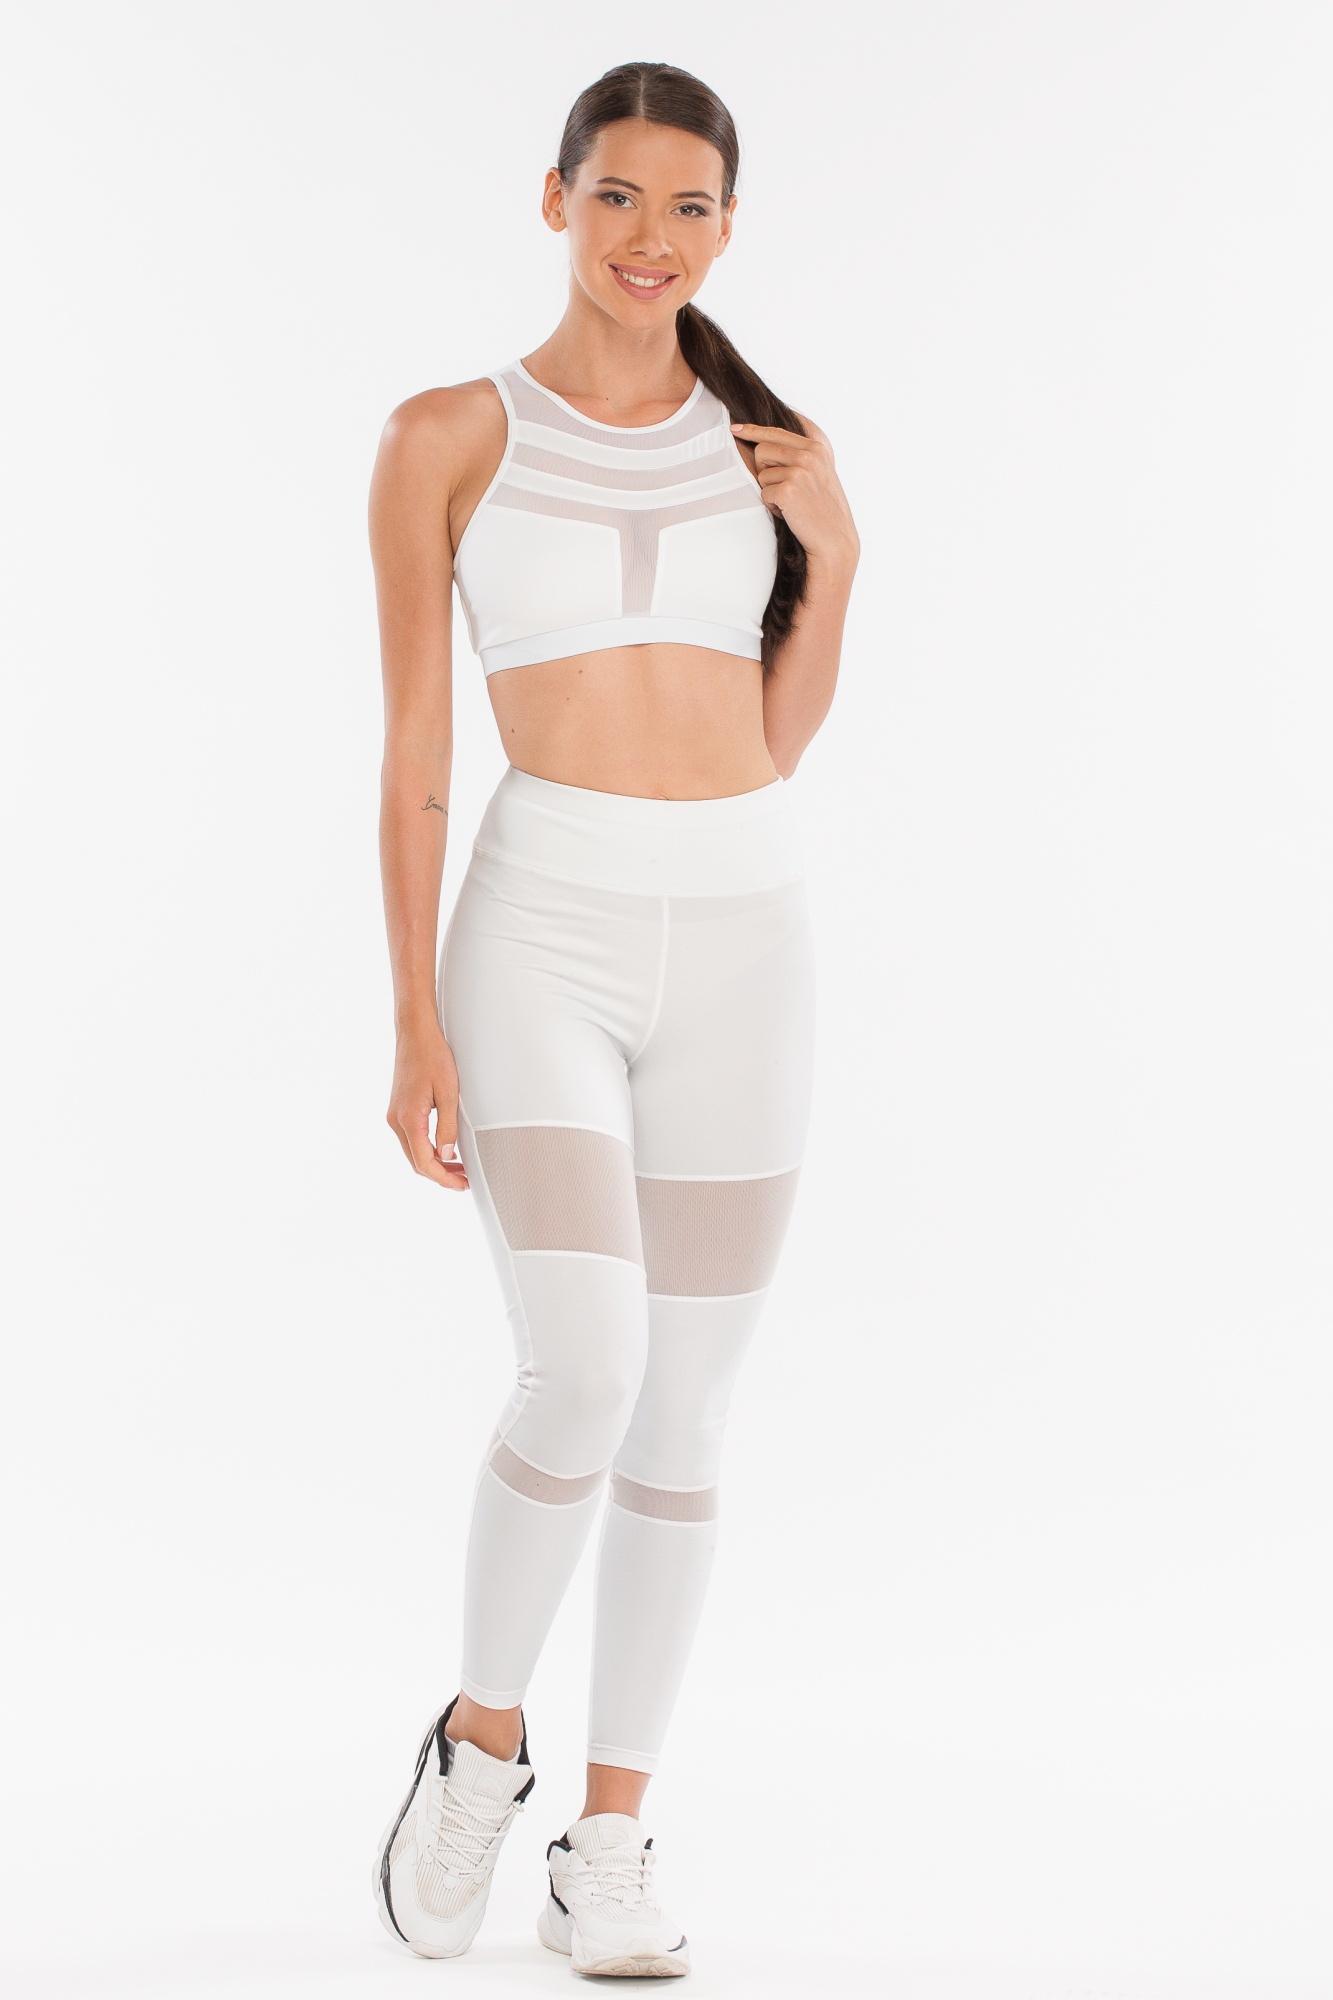 Леггинсы женские Morera, цвет: Белый. Размер 4893058 WHITE (XL)Леггинсы для фитнеса, спорта и бега.